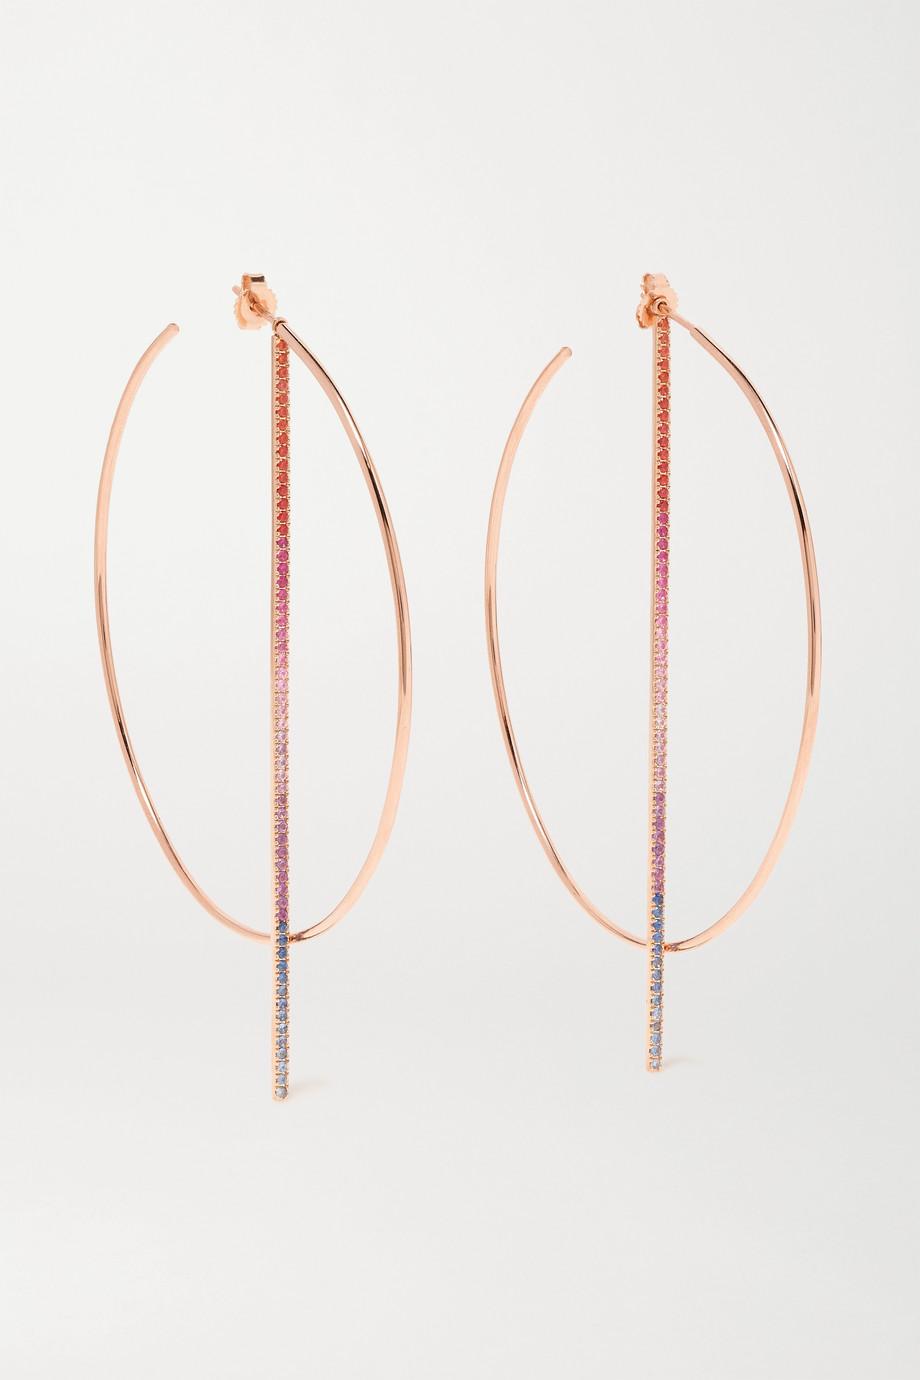 Diane Kordas Rainbow 18-karat rose gold, sapphire and amethyst hoop earrings